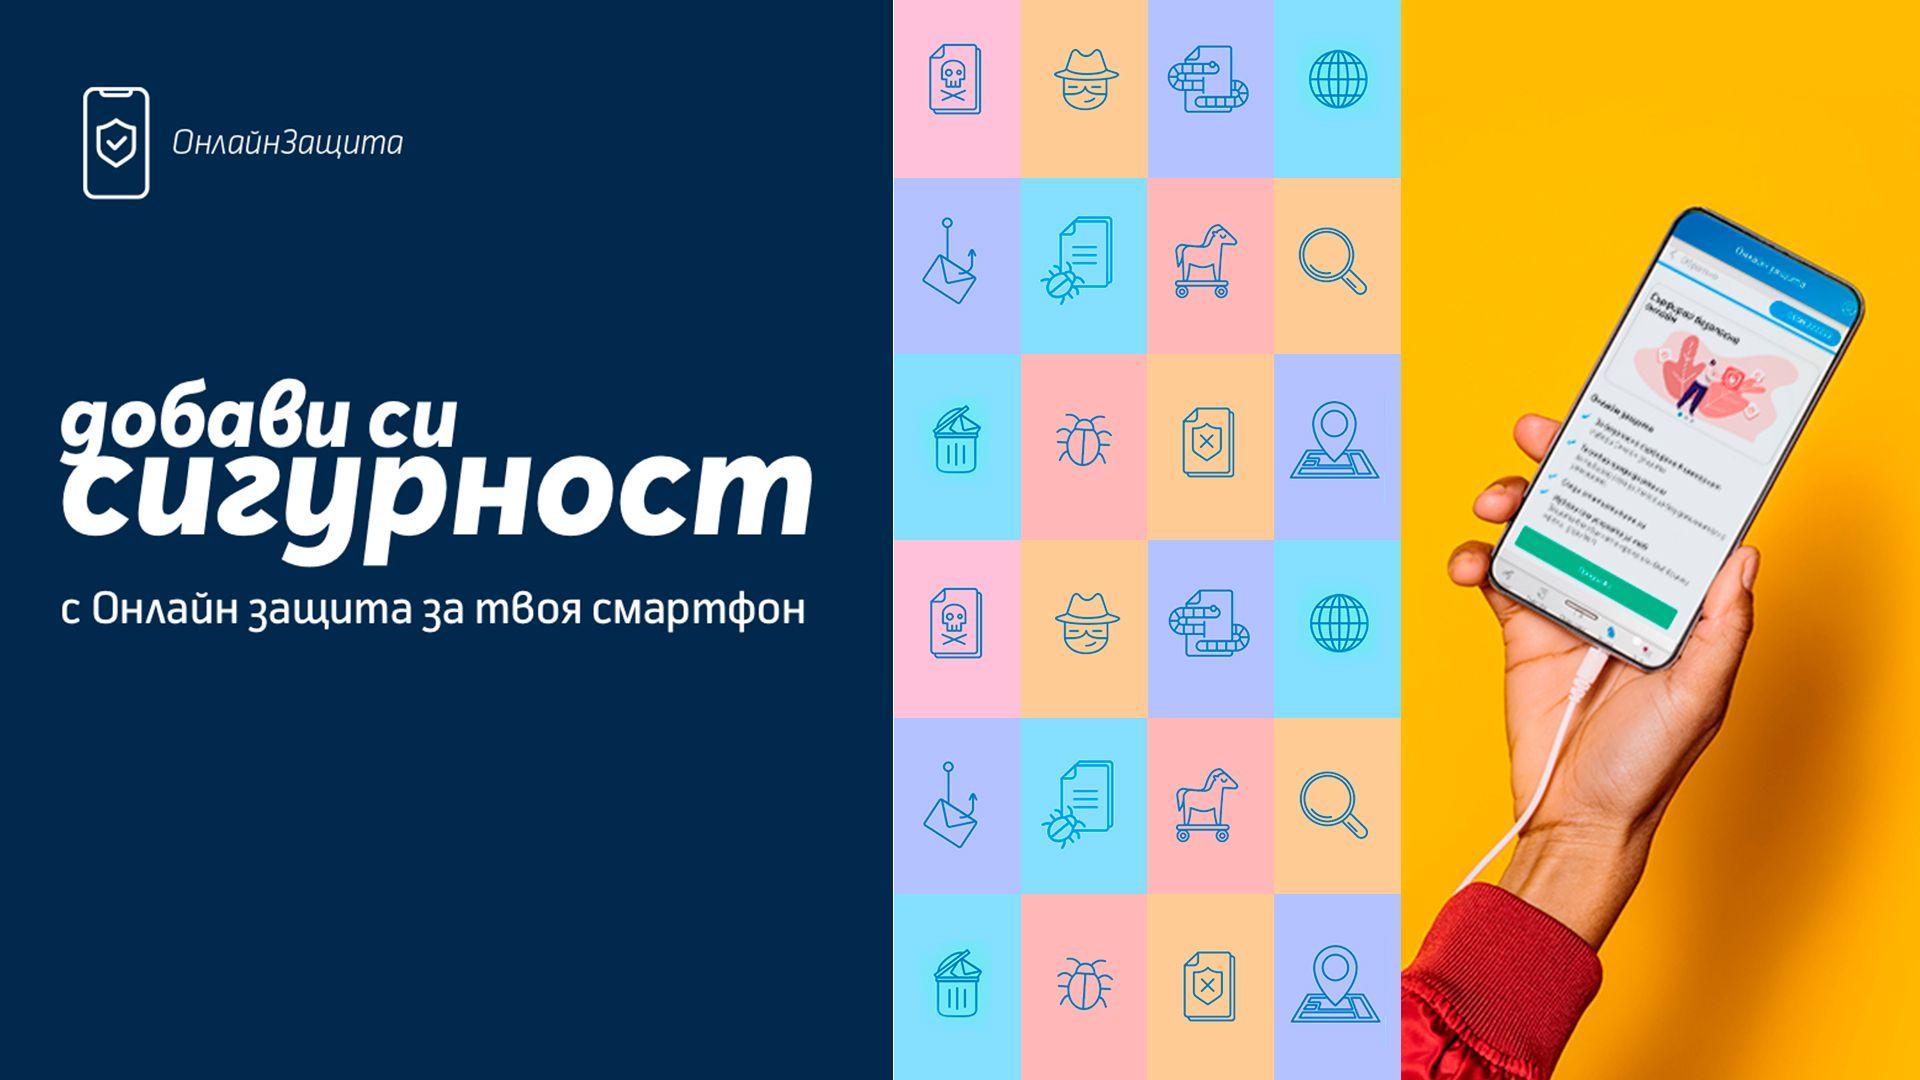 """Теленор България предоставя защита в дигиталния свят с услугата """"Онлайн защита"""""""